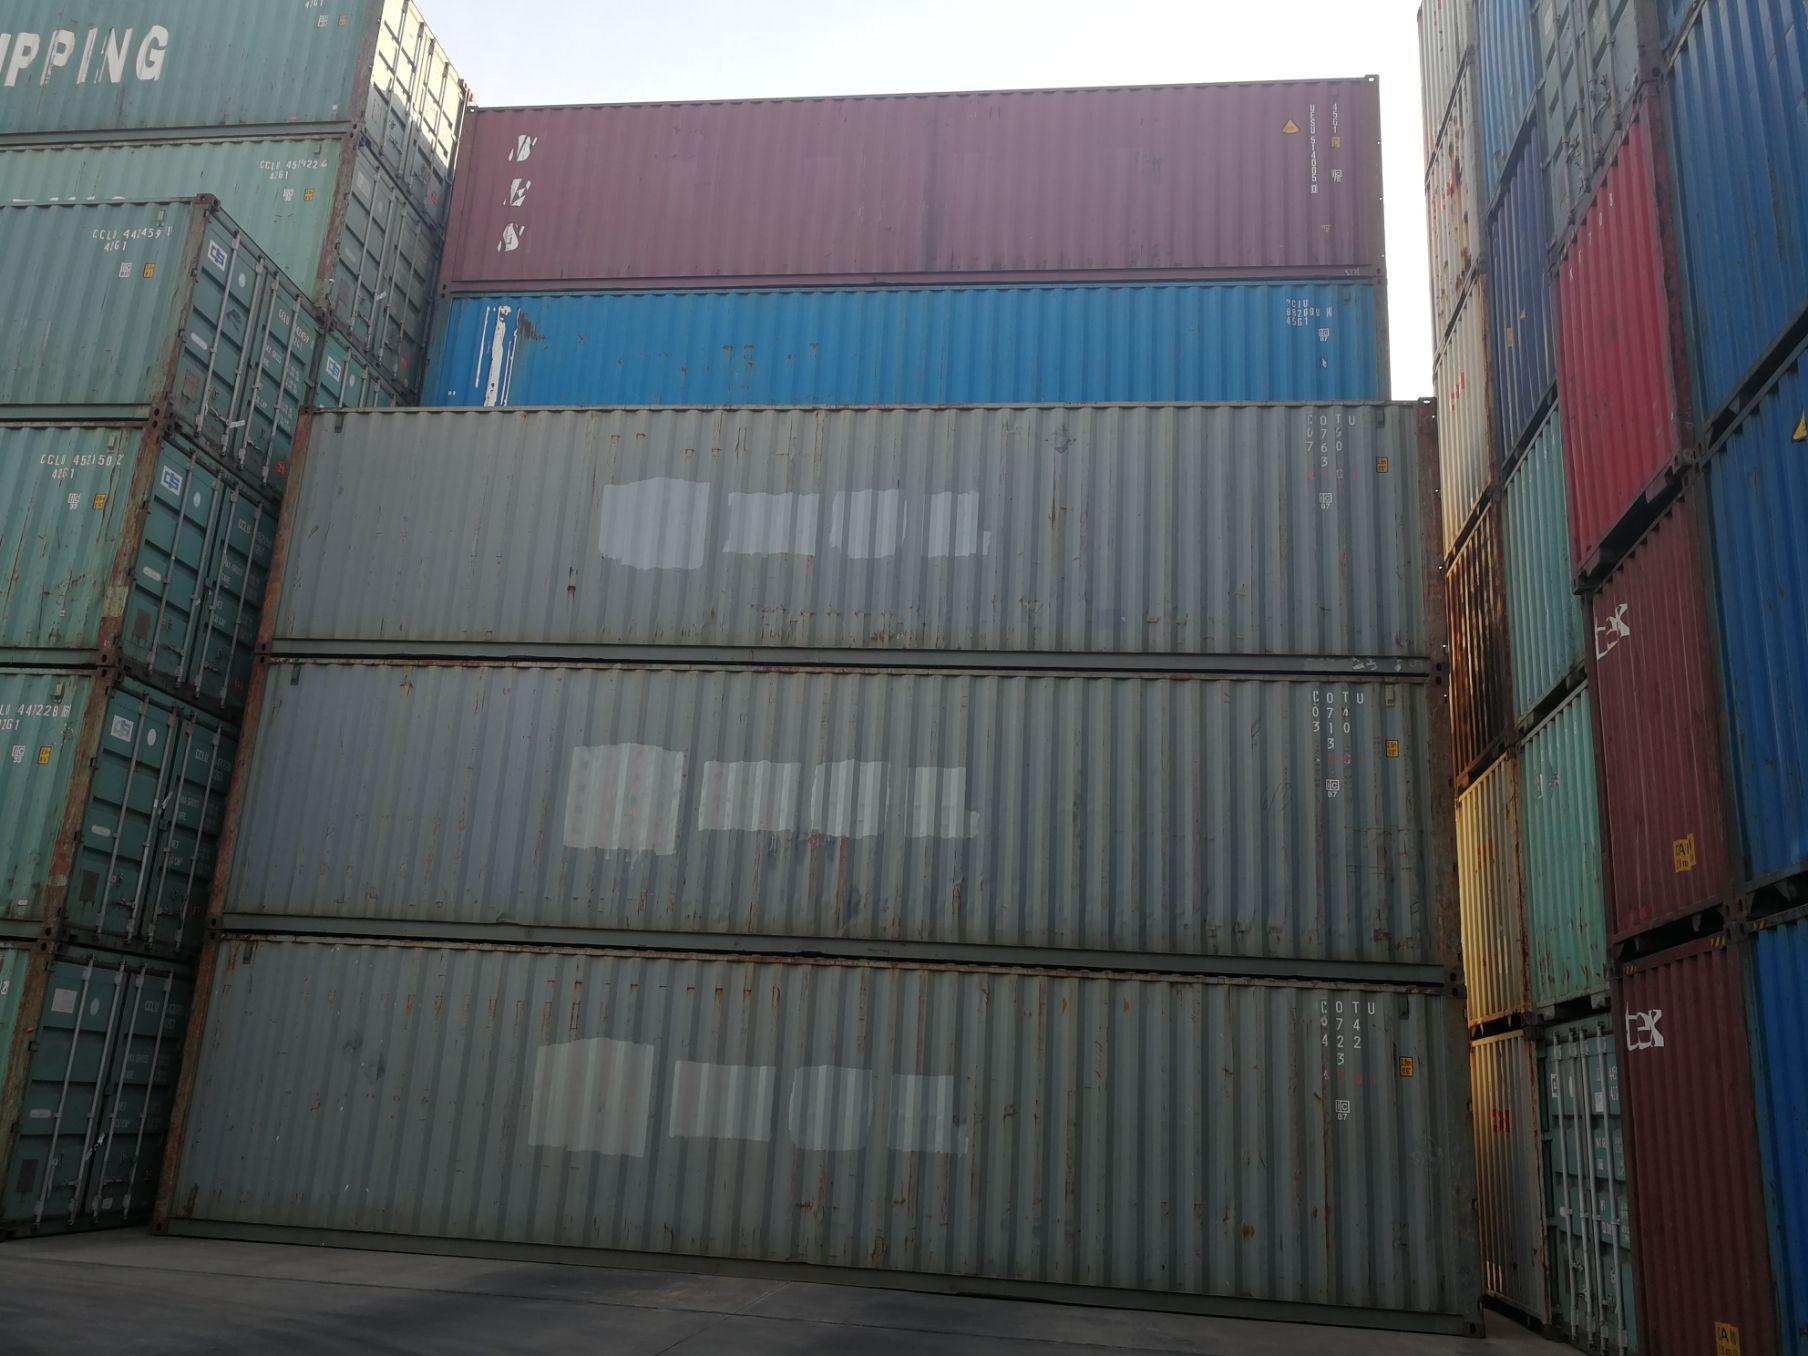 天津港销售20英尺40英尺集装箱标准海运箱集装箱改造房